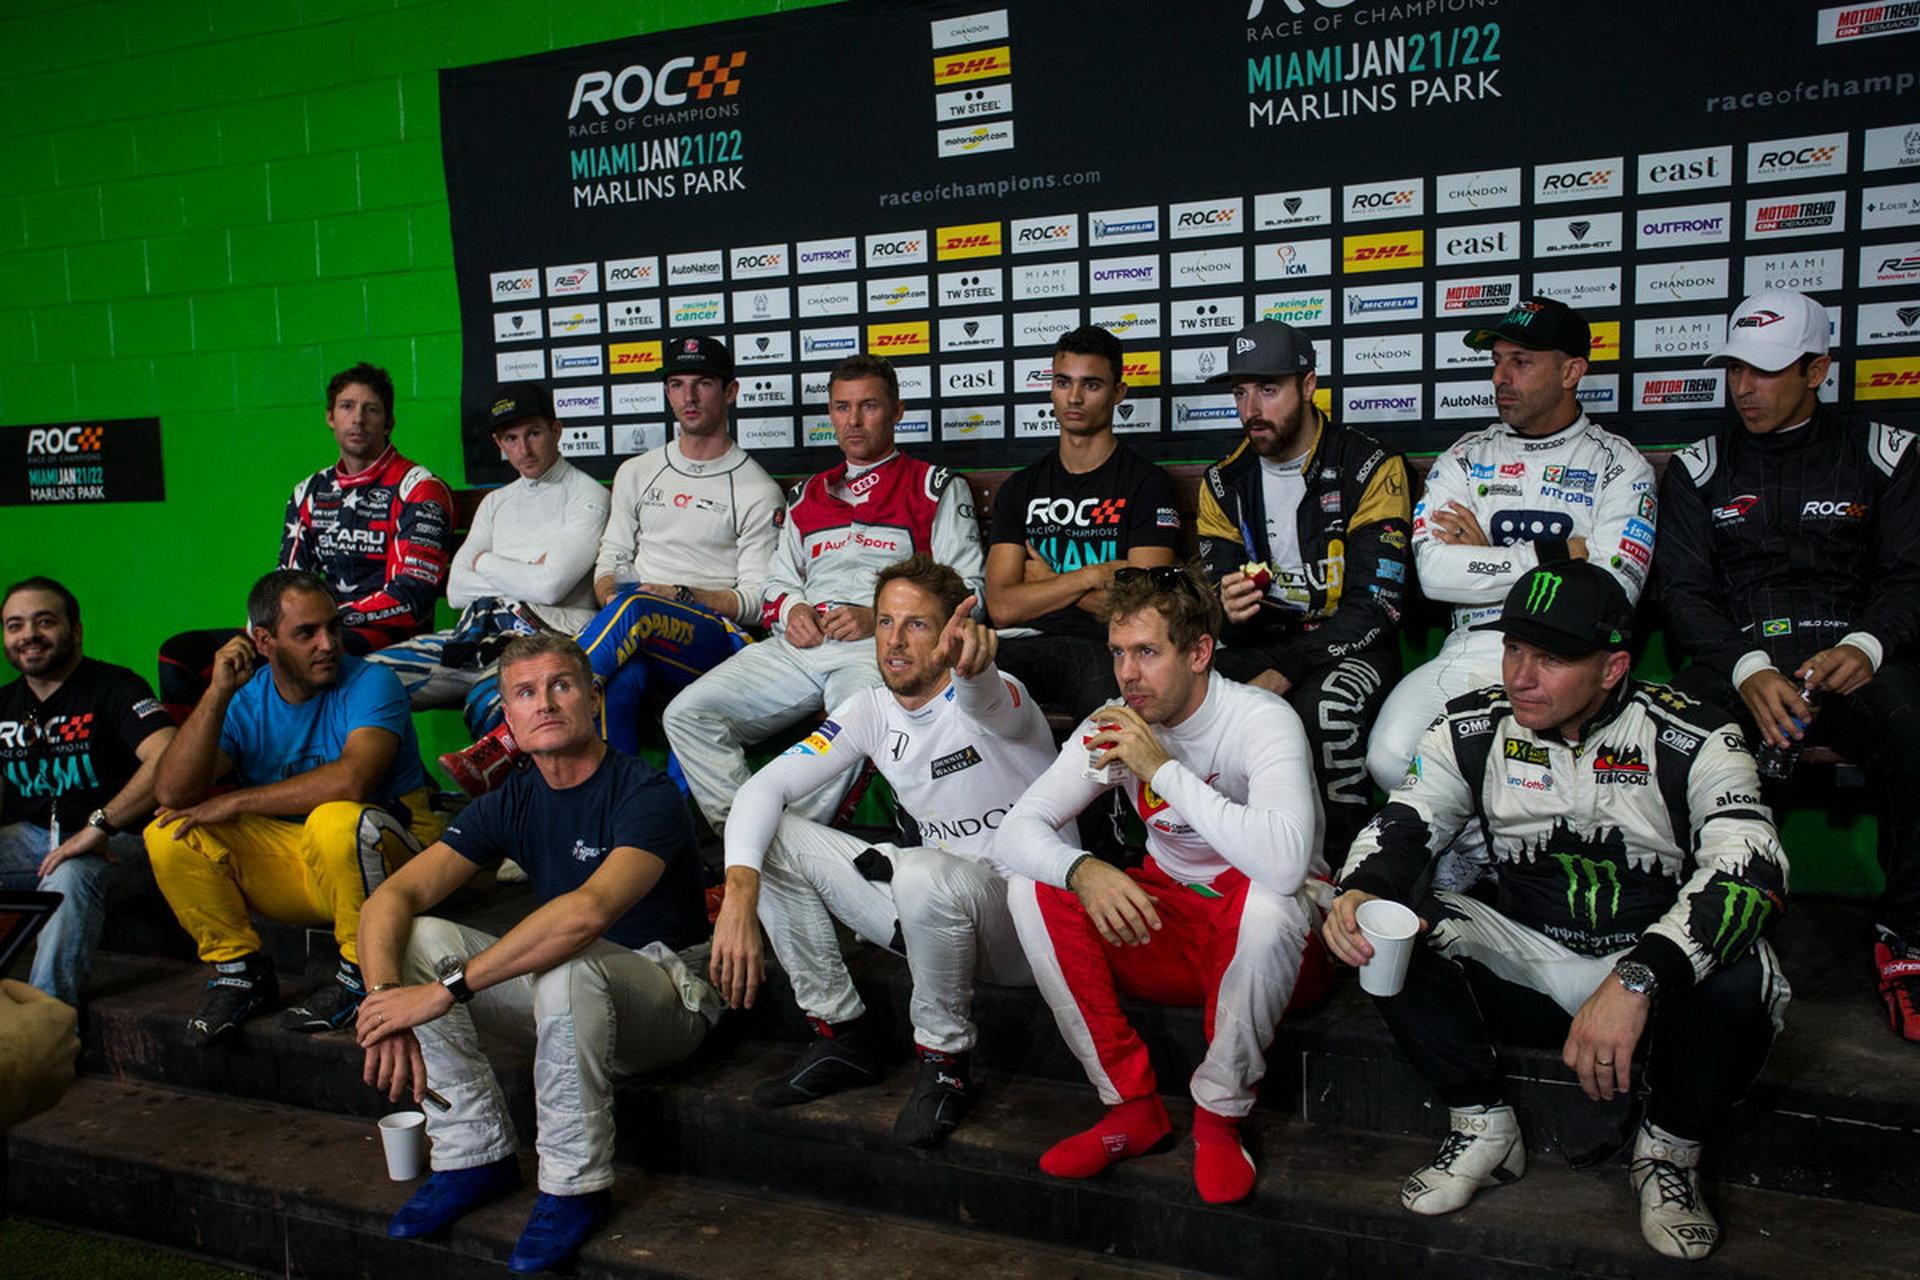 Závod šampionů v Miami ovládl Montoya, porazil hvězdy F1 - anotační obrázek